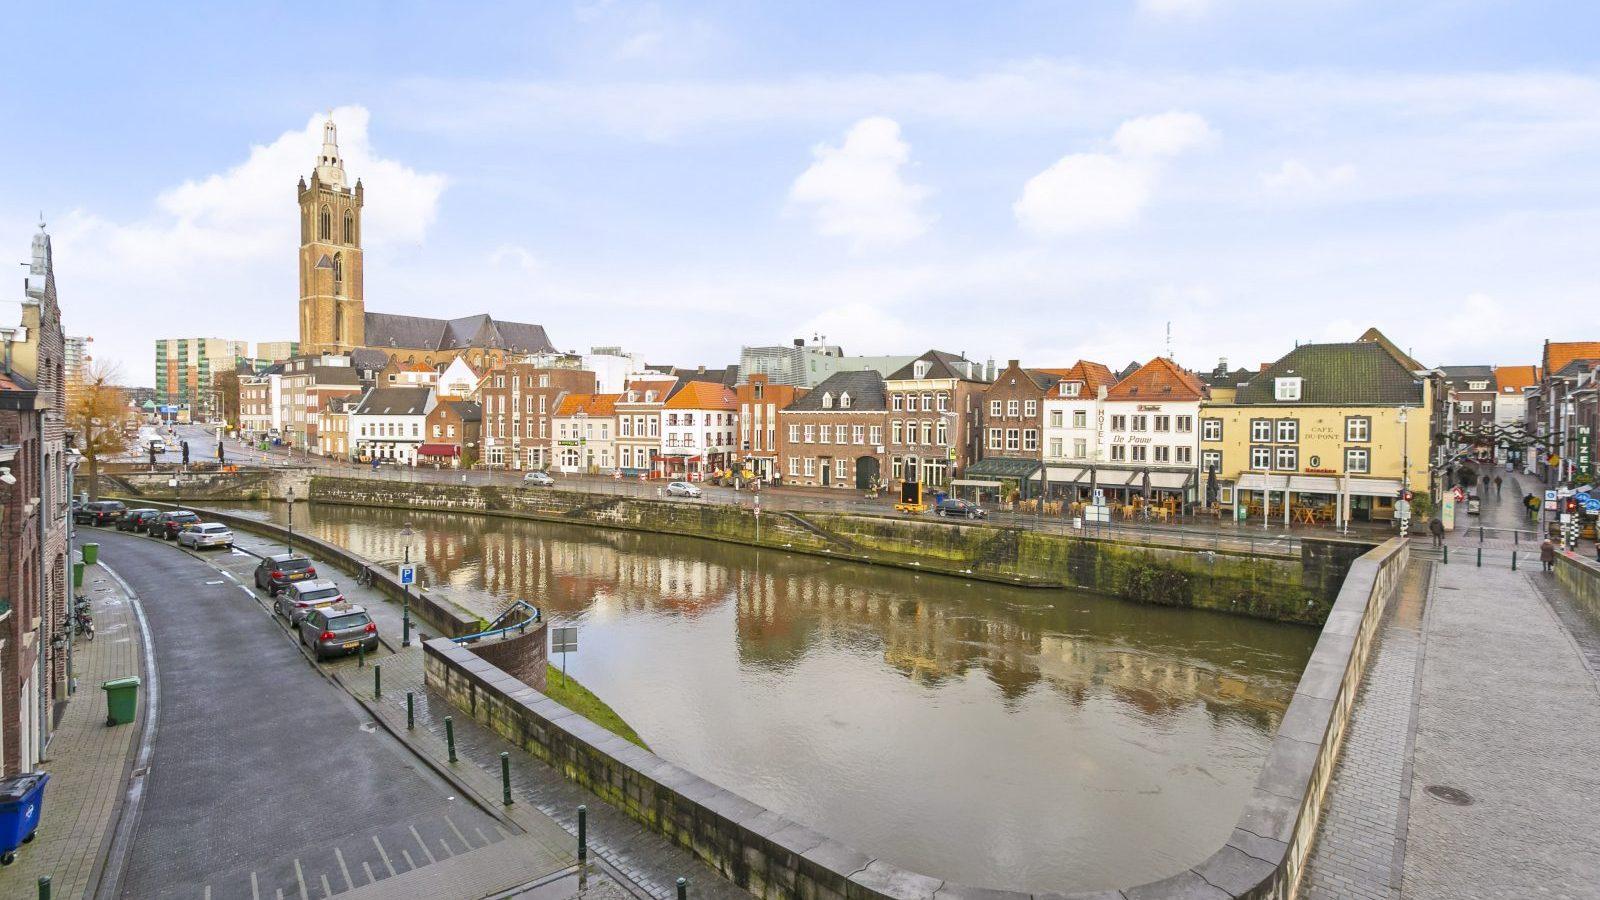 Vismarkt12Roermond-01-1600x1067